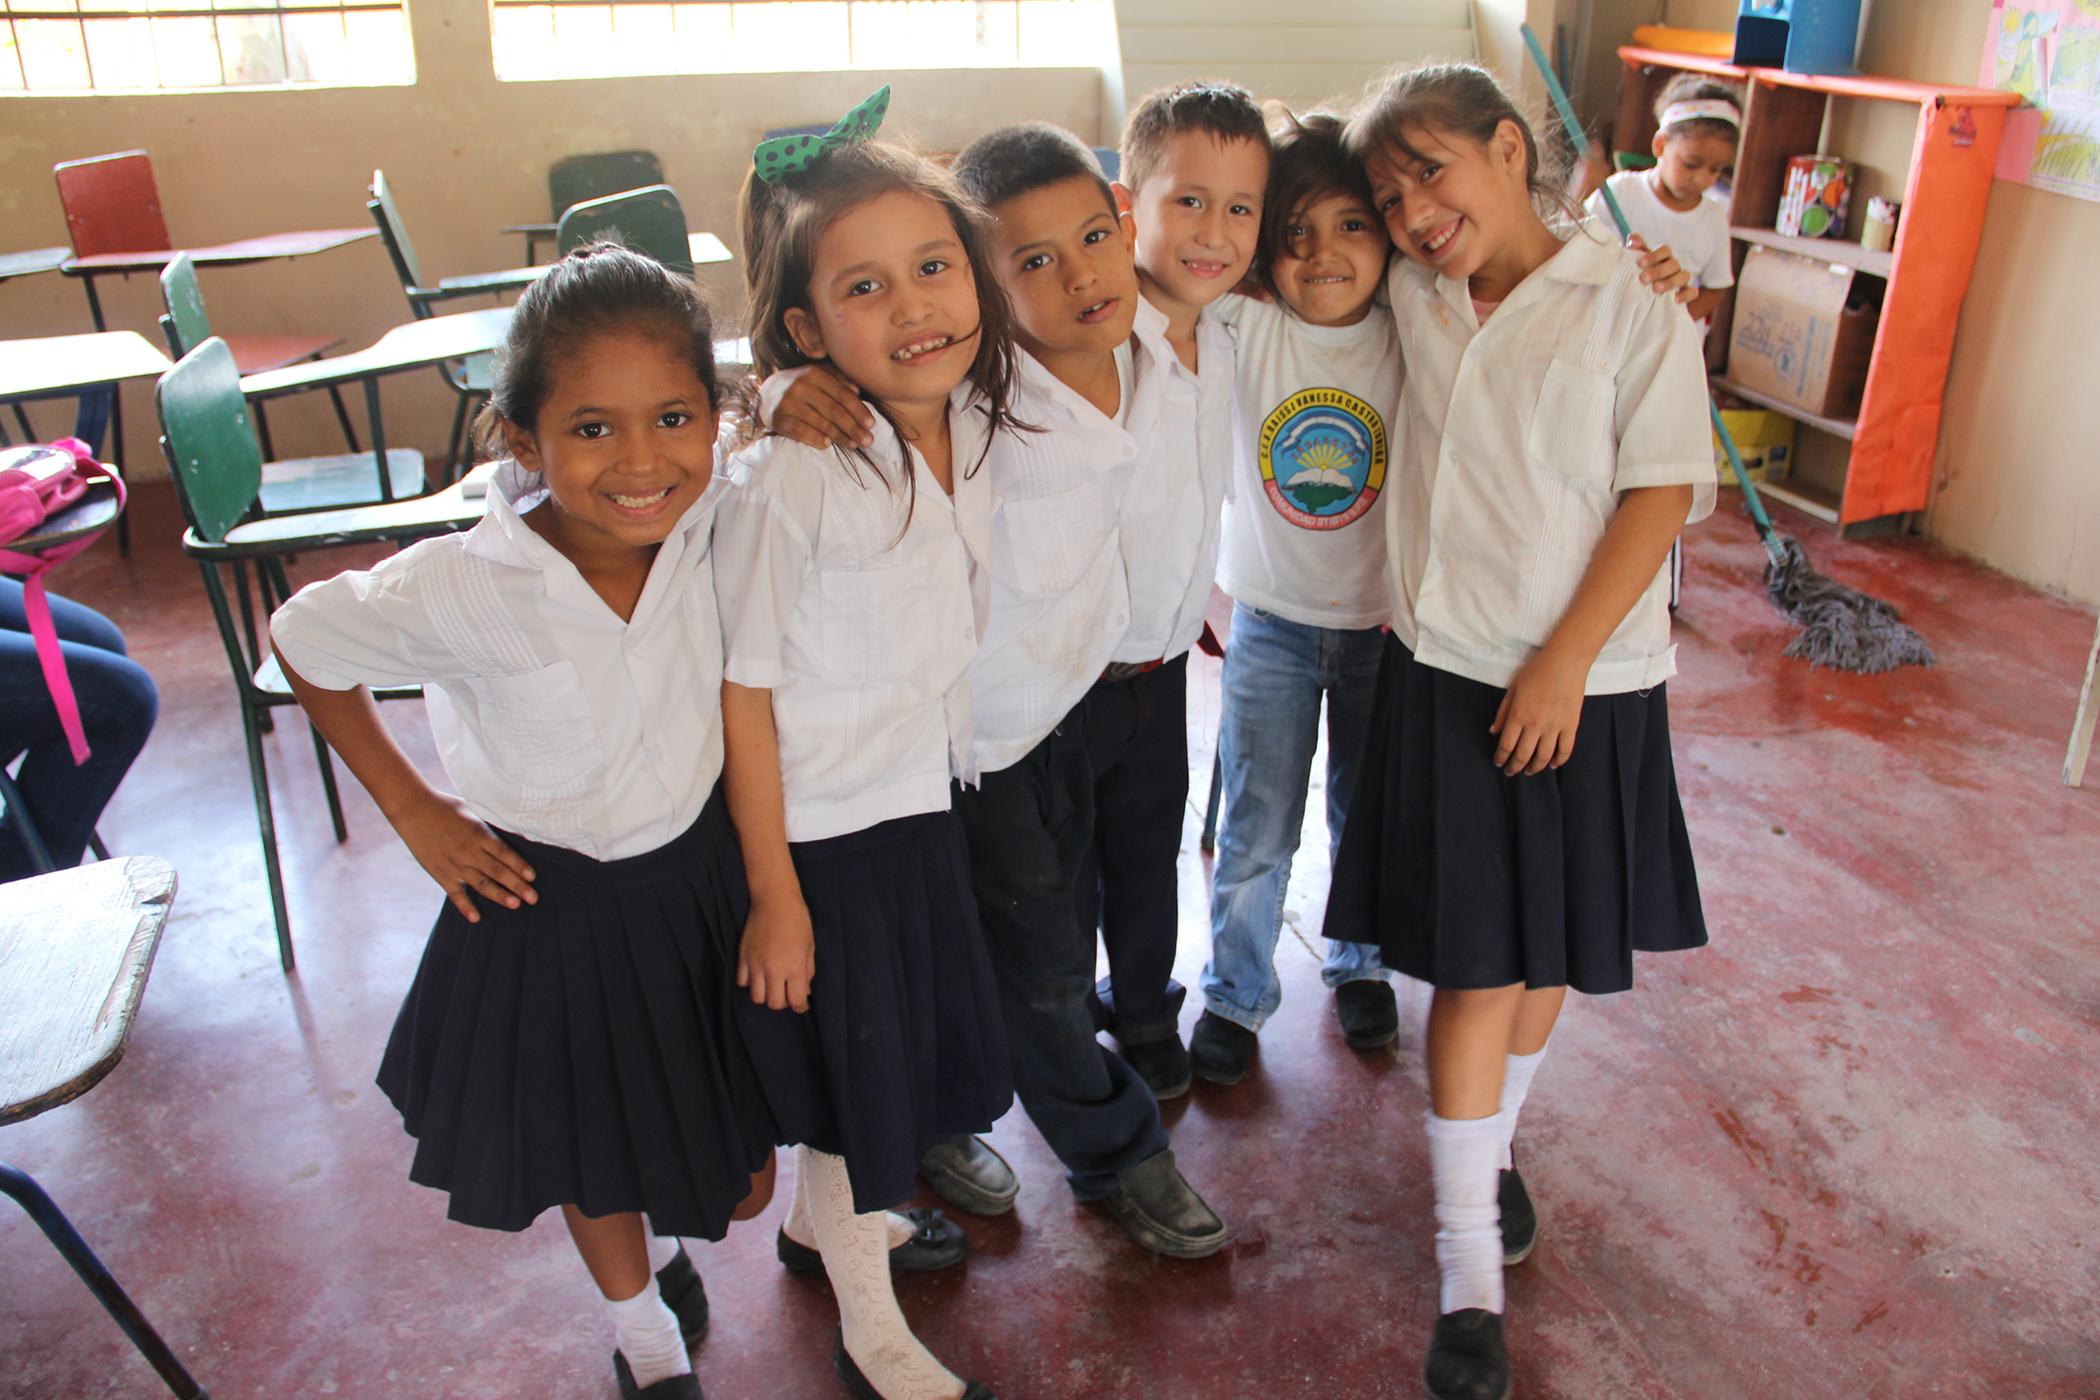 Dental care for Honduran children